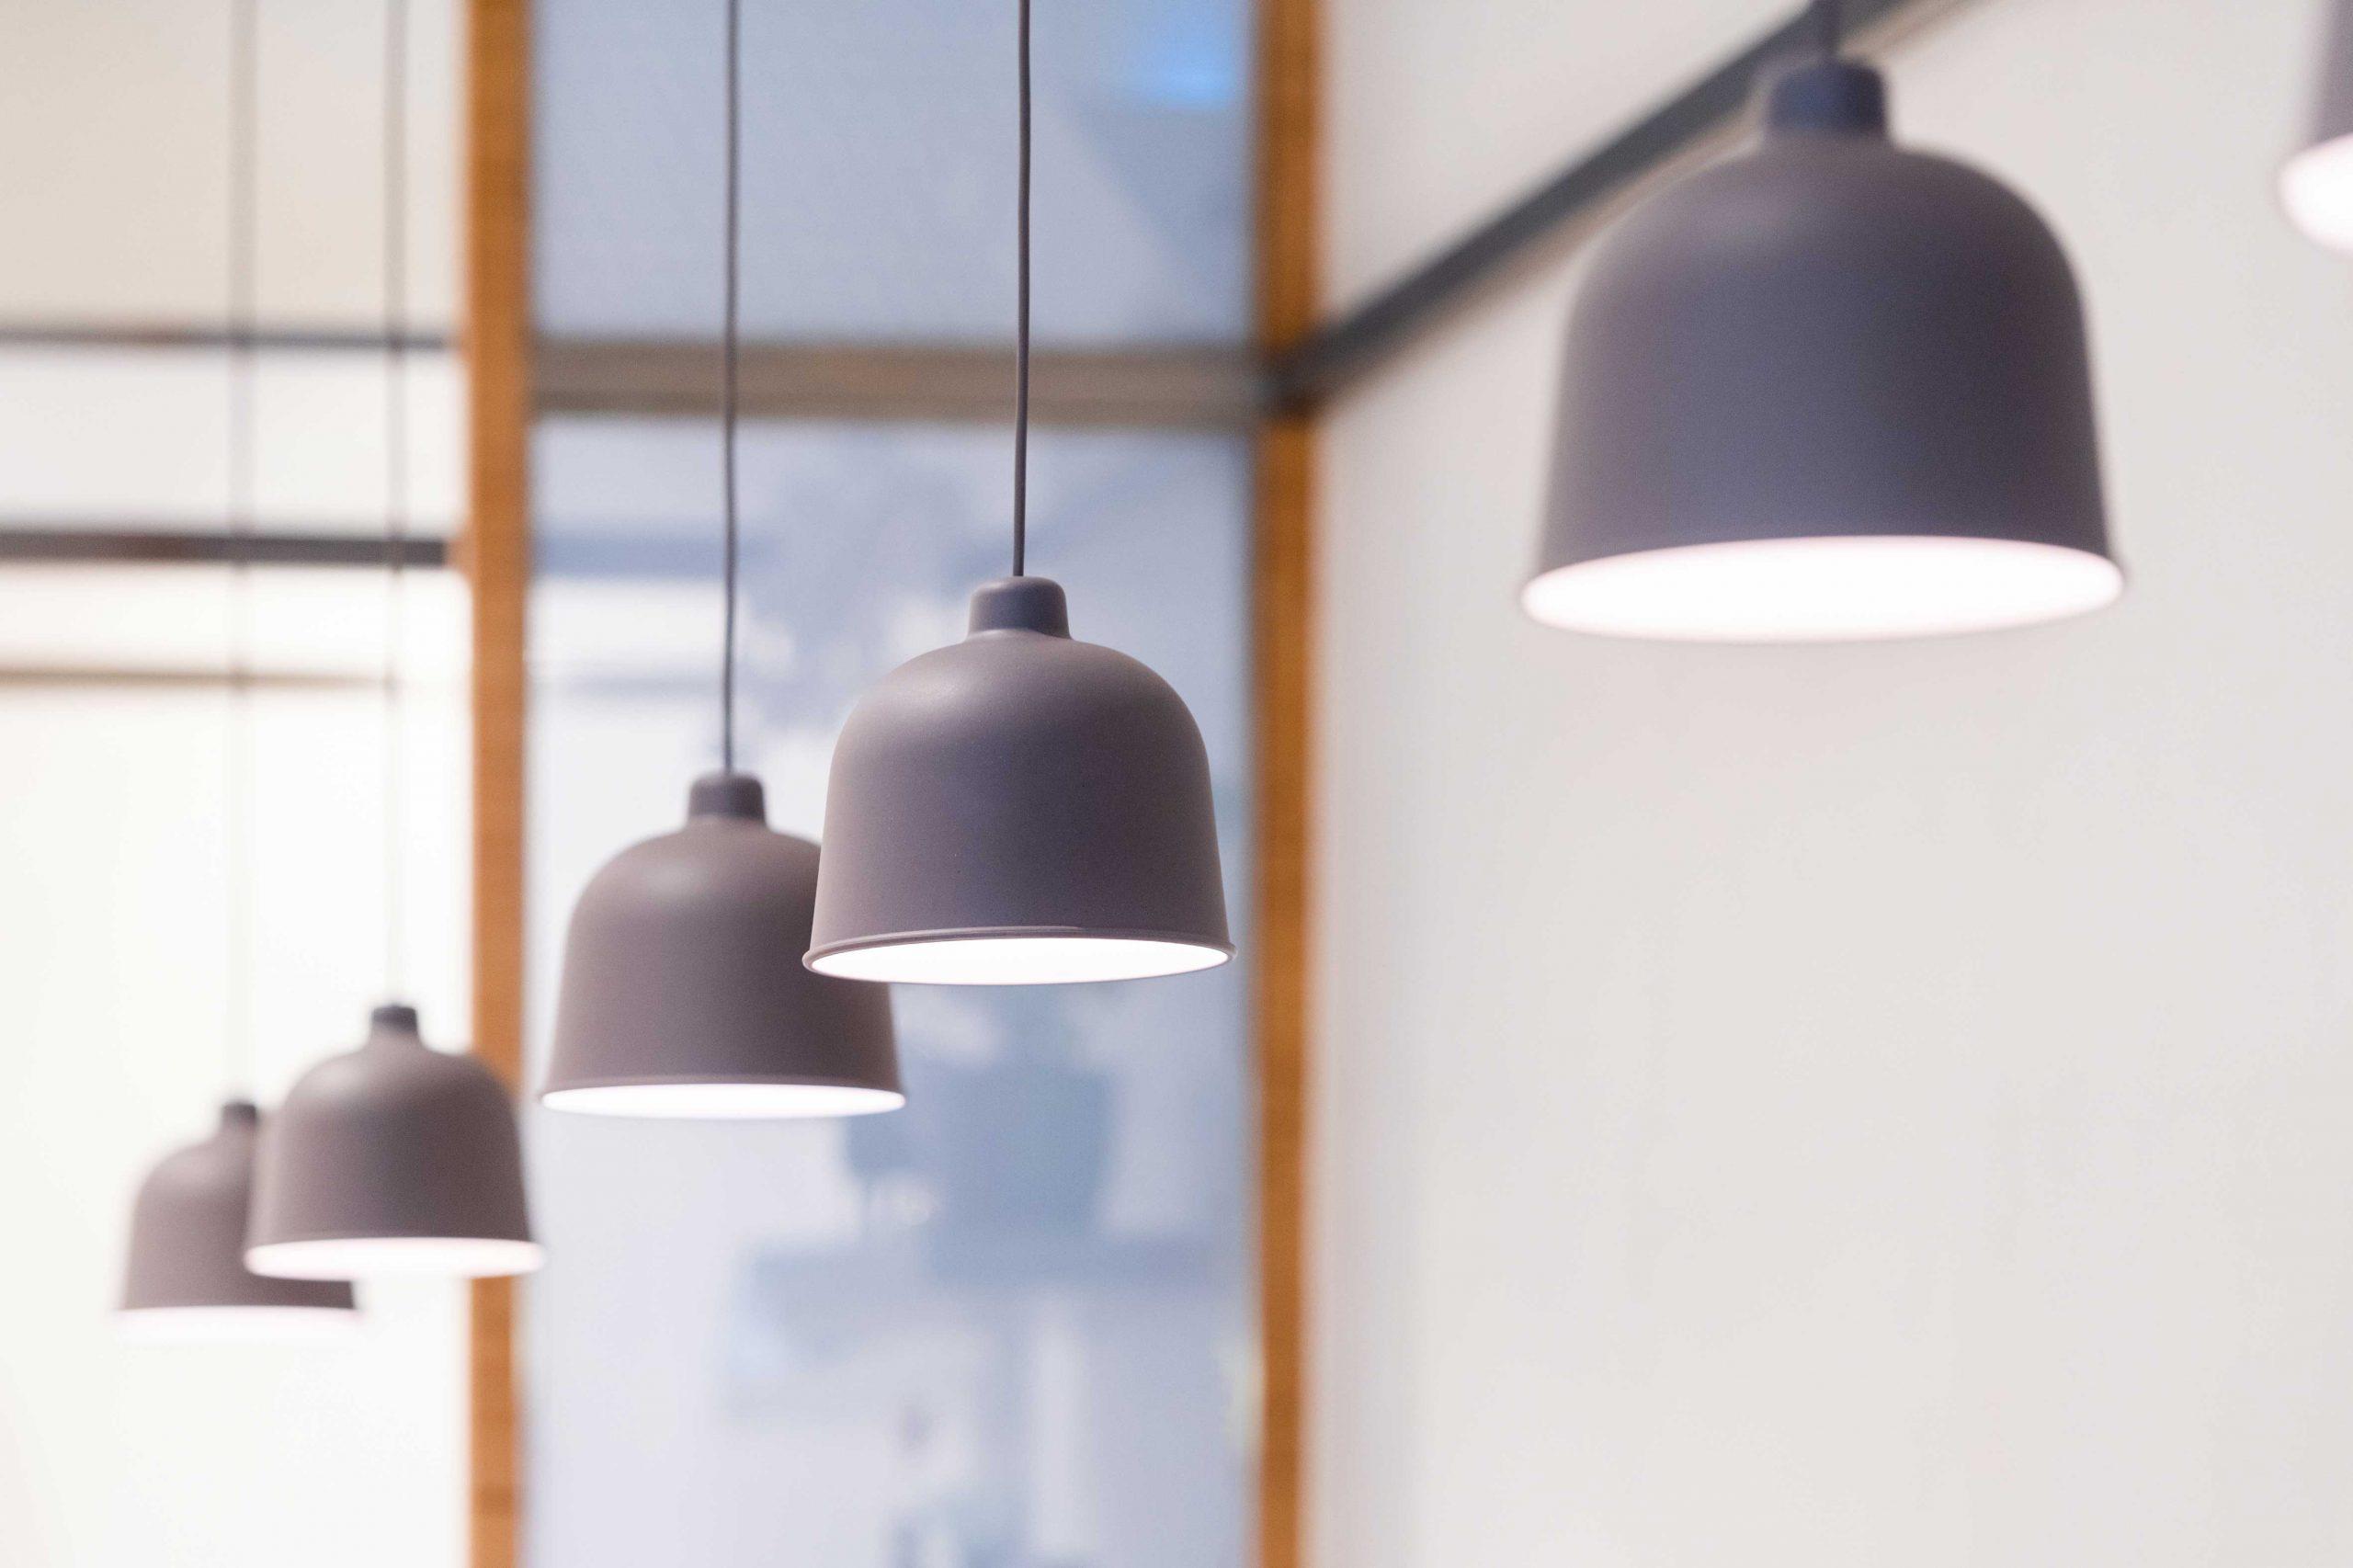 Plain-Interior Design Company in UAE